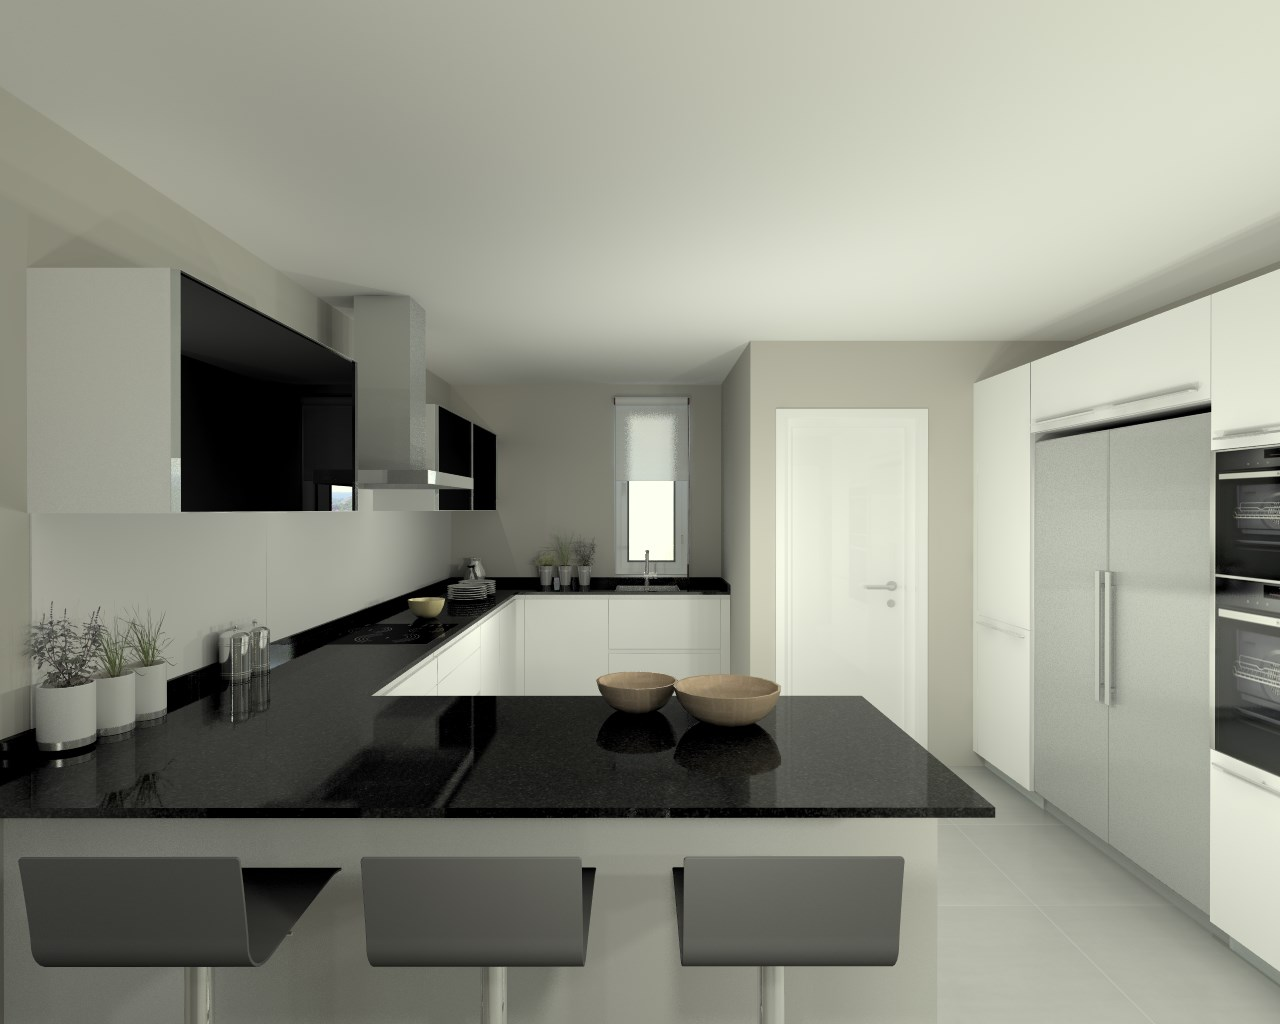 Proyectos de cocinas docrys cocinas for Marmol color negro brasil